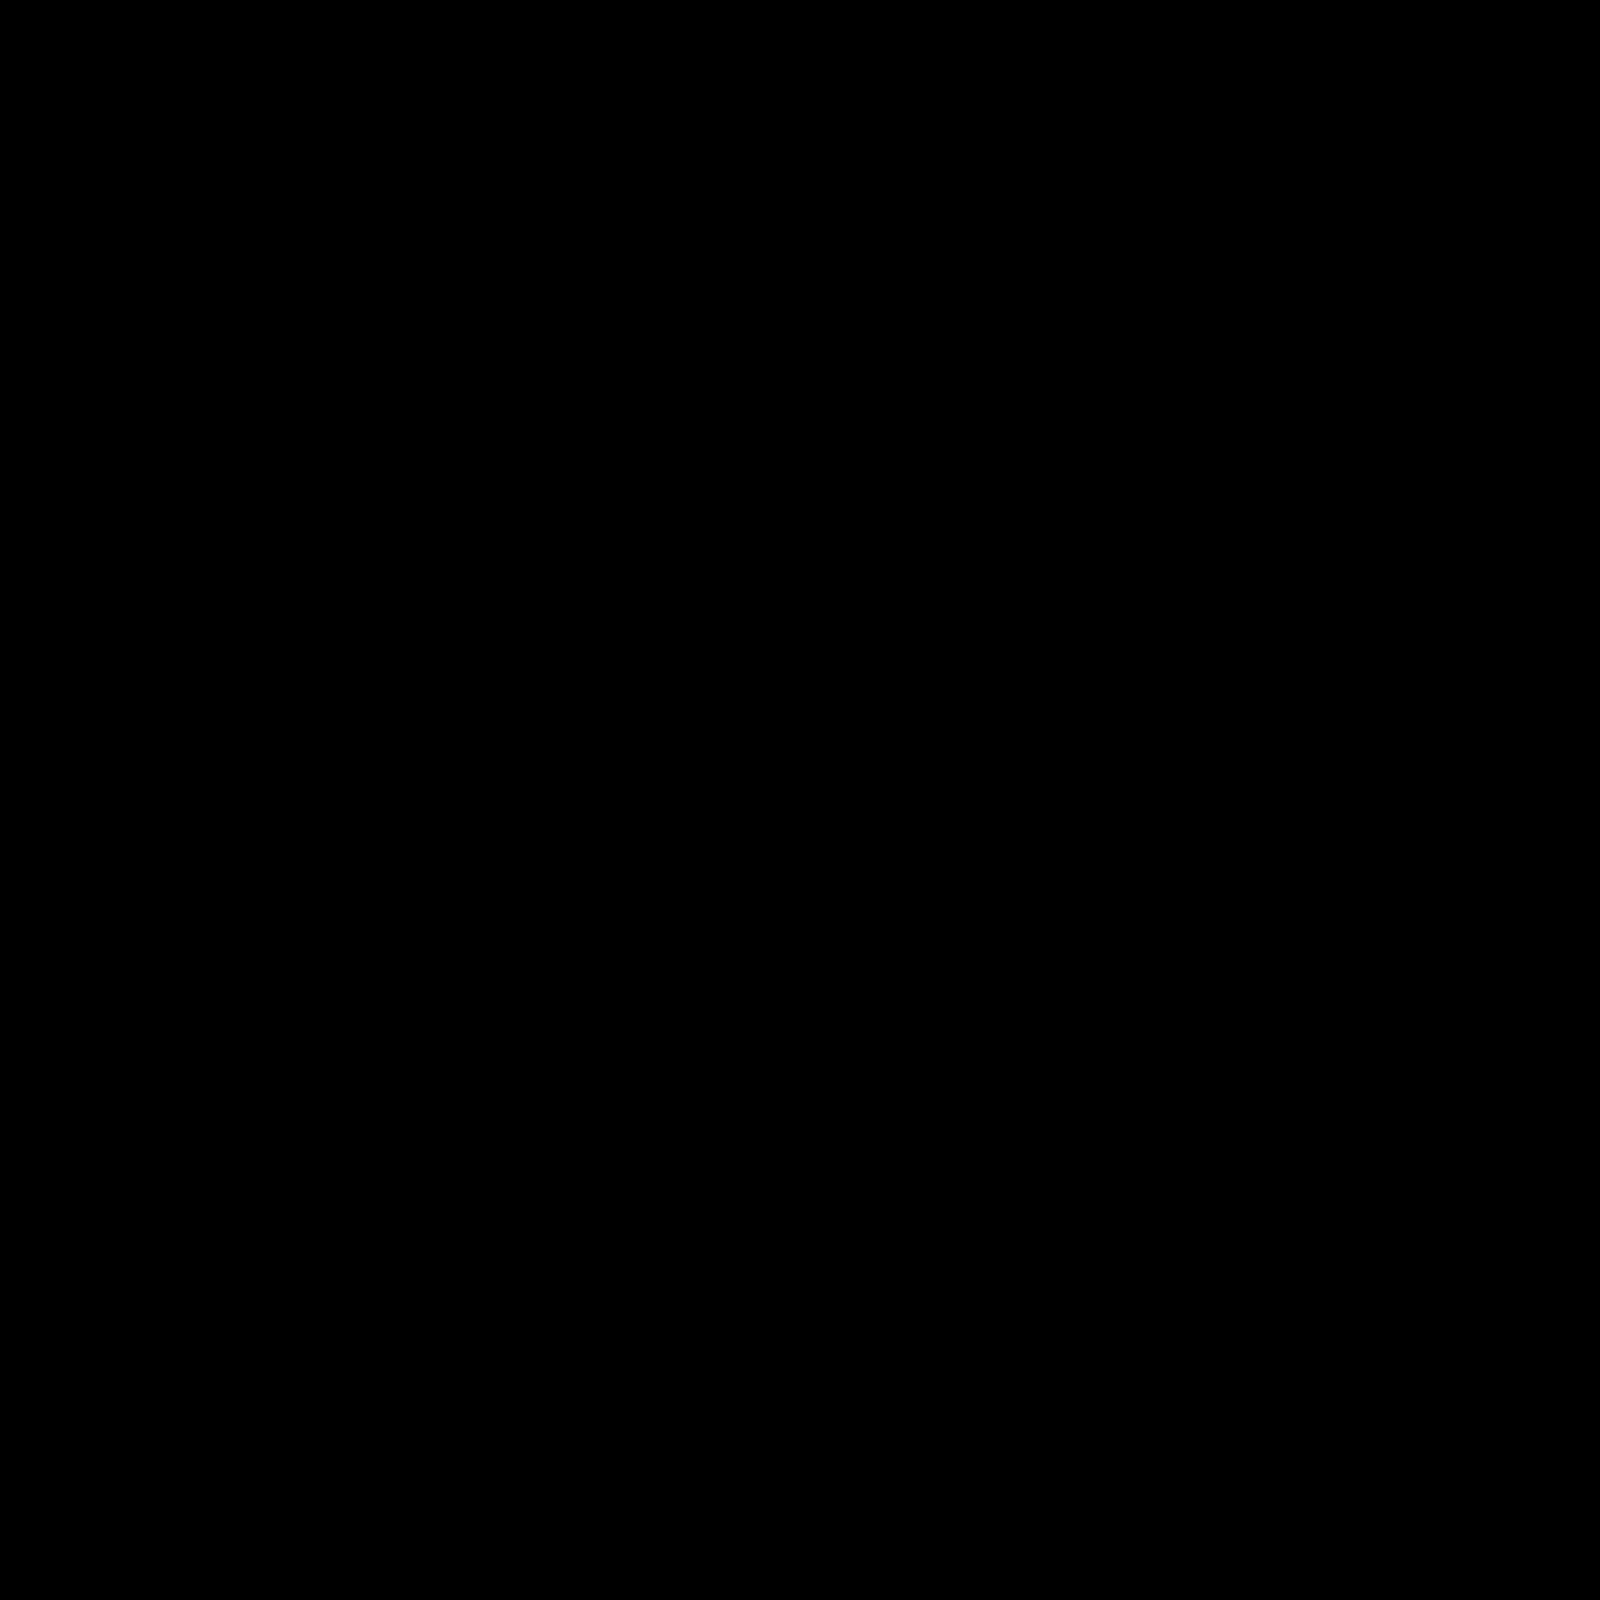 Ogle icon